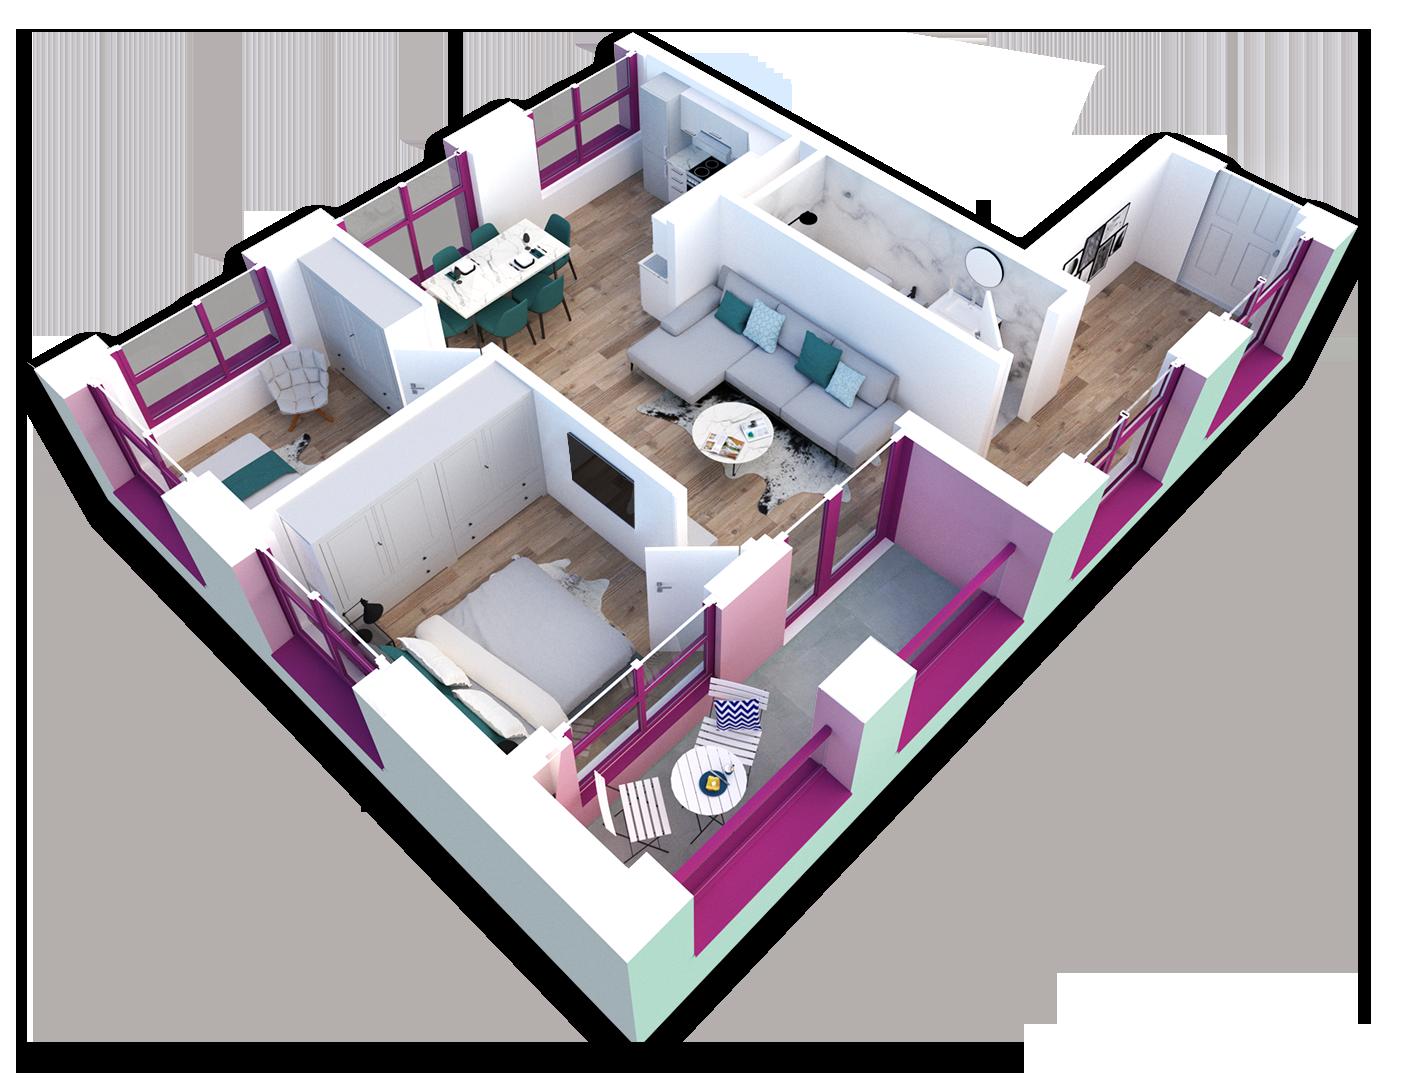 Apartament 2+1 në shitje në Tiranë - Mangalem 21 Shkalla 23 Kati 6